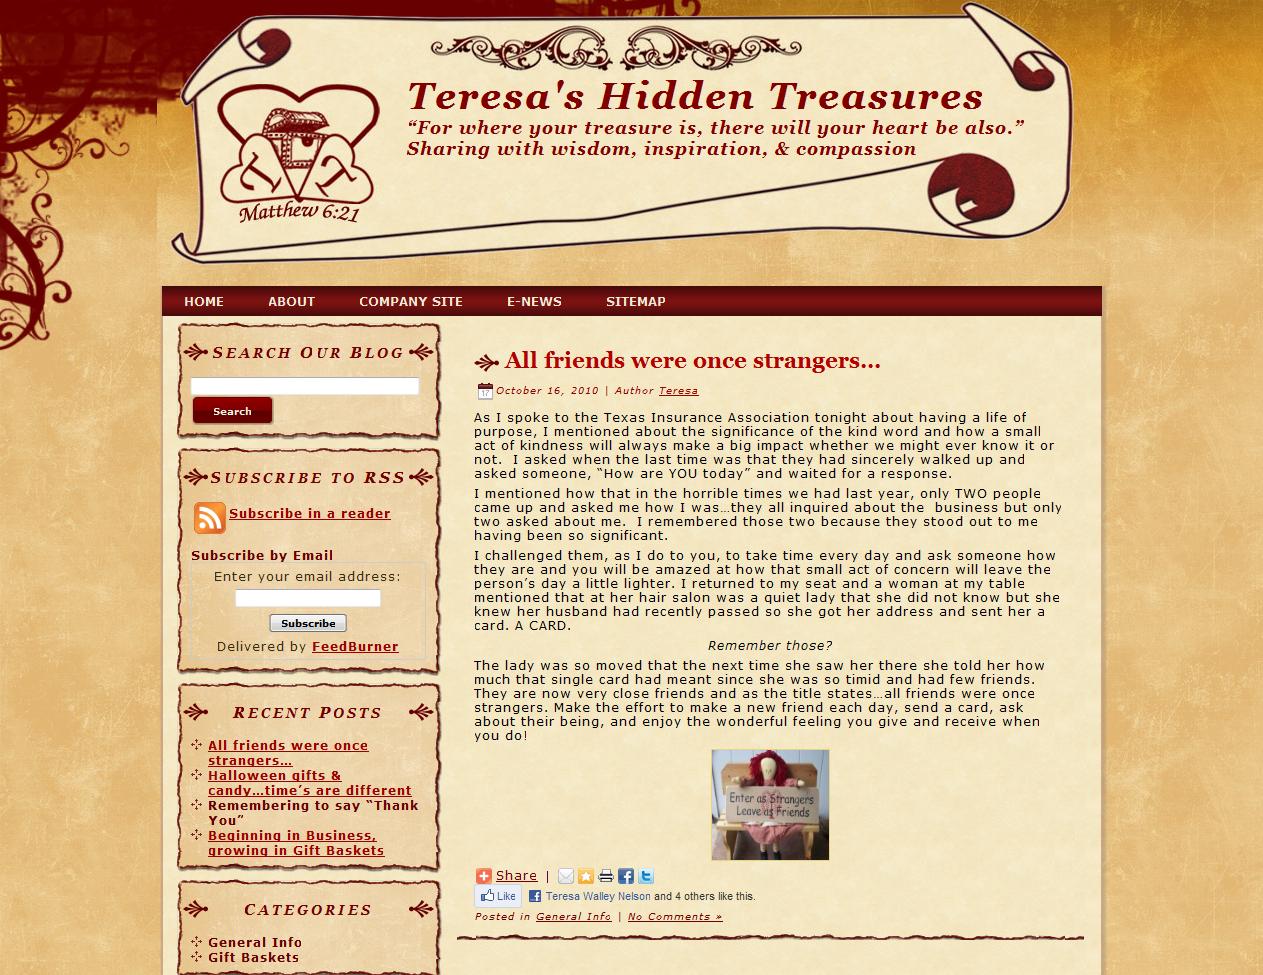 Teresa's Hidden Treasures